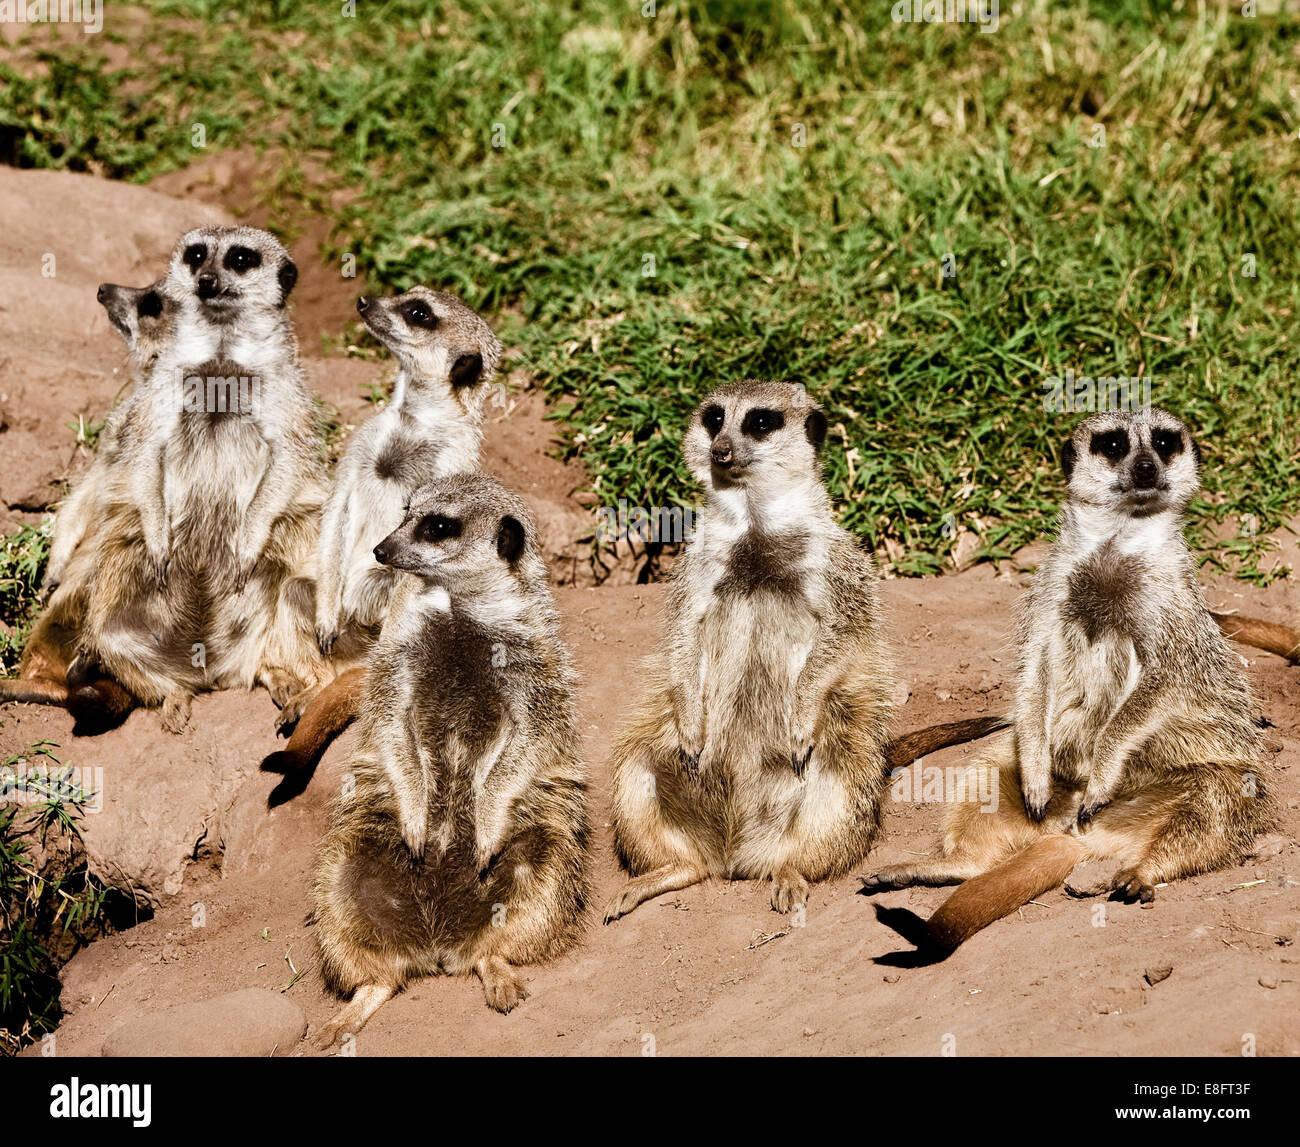 Six meerkats (suricata suricatta) - Stock Image